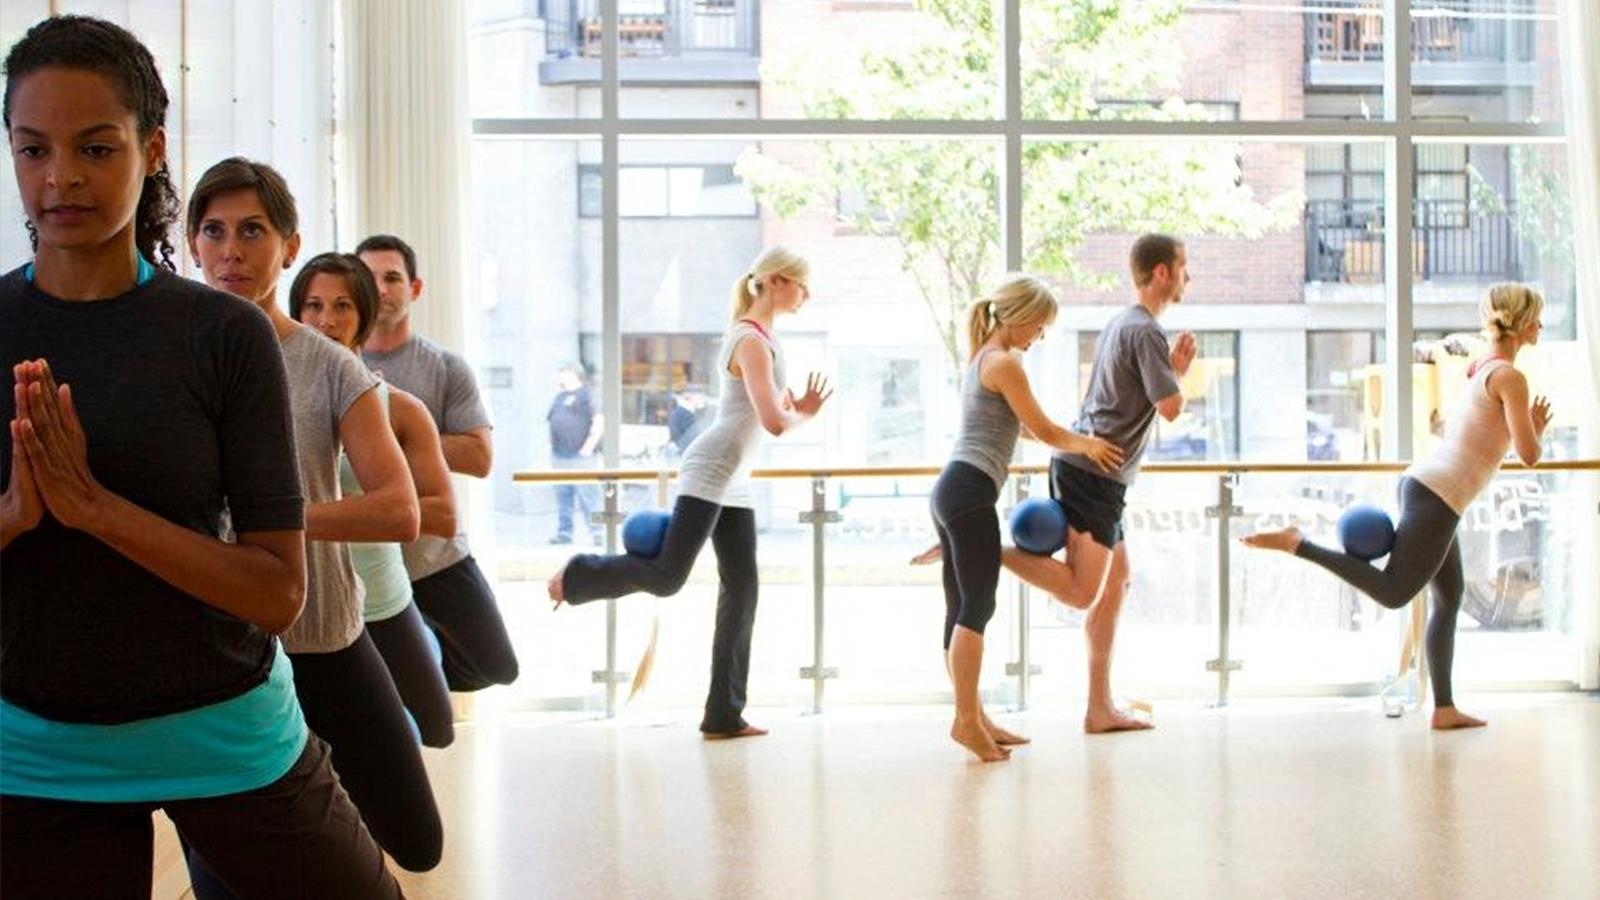 Piloxing Barre heißt ein neues Fitnessprogramm, bei dem Elemente aus dem klassischen Ballett mit Standing Pilates, Boxbewegungen und Cardiosequenzen kombiniert werden